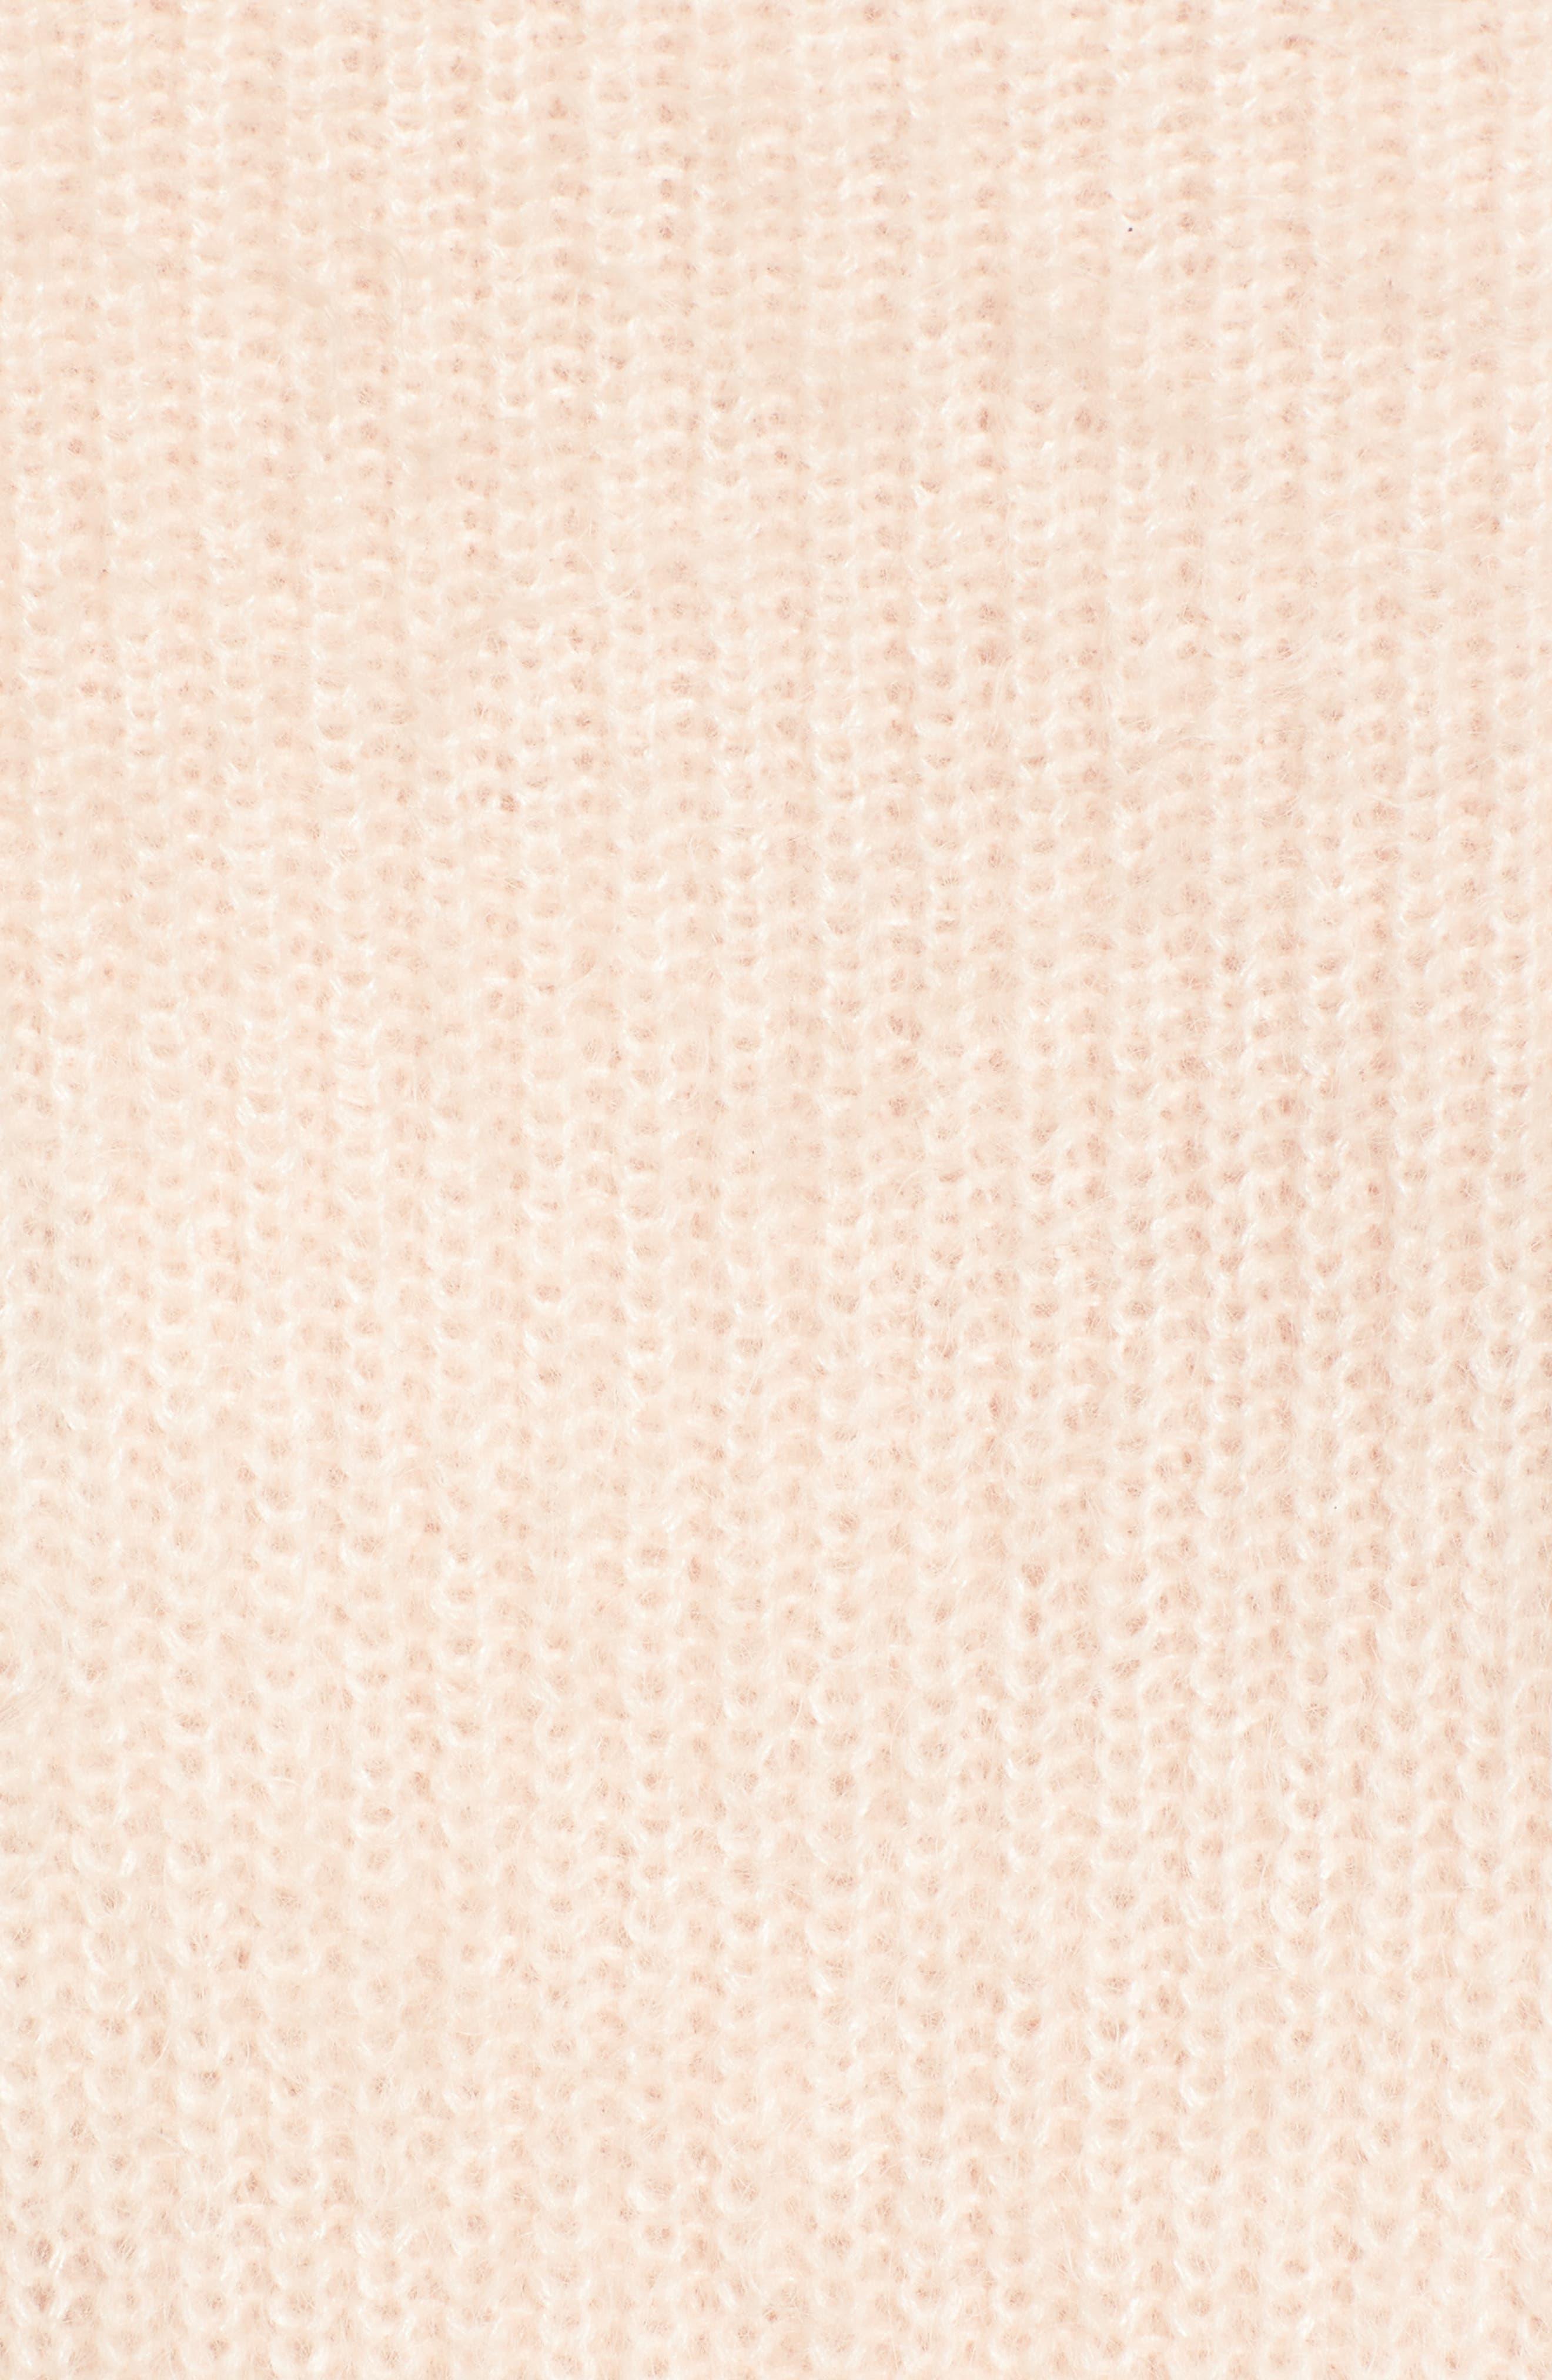 Poet Sleeve Sweater,                             Alternate thumbnail 5, color,                             Pink Peony Bud